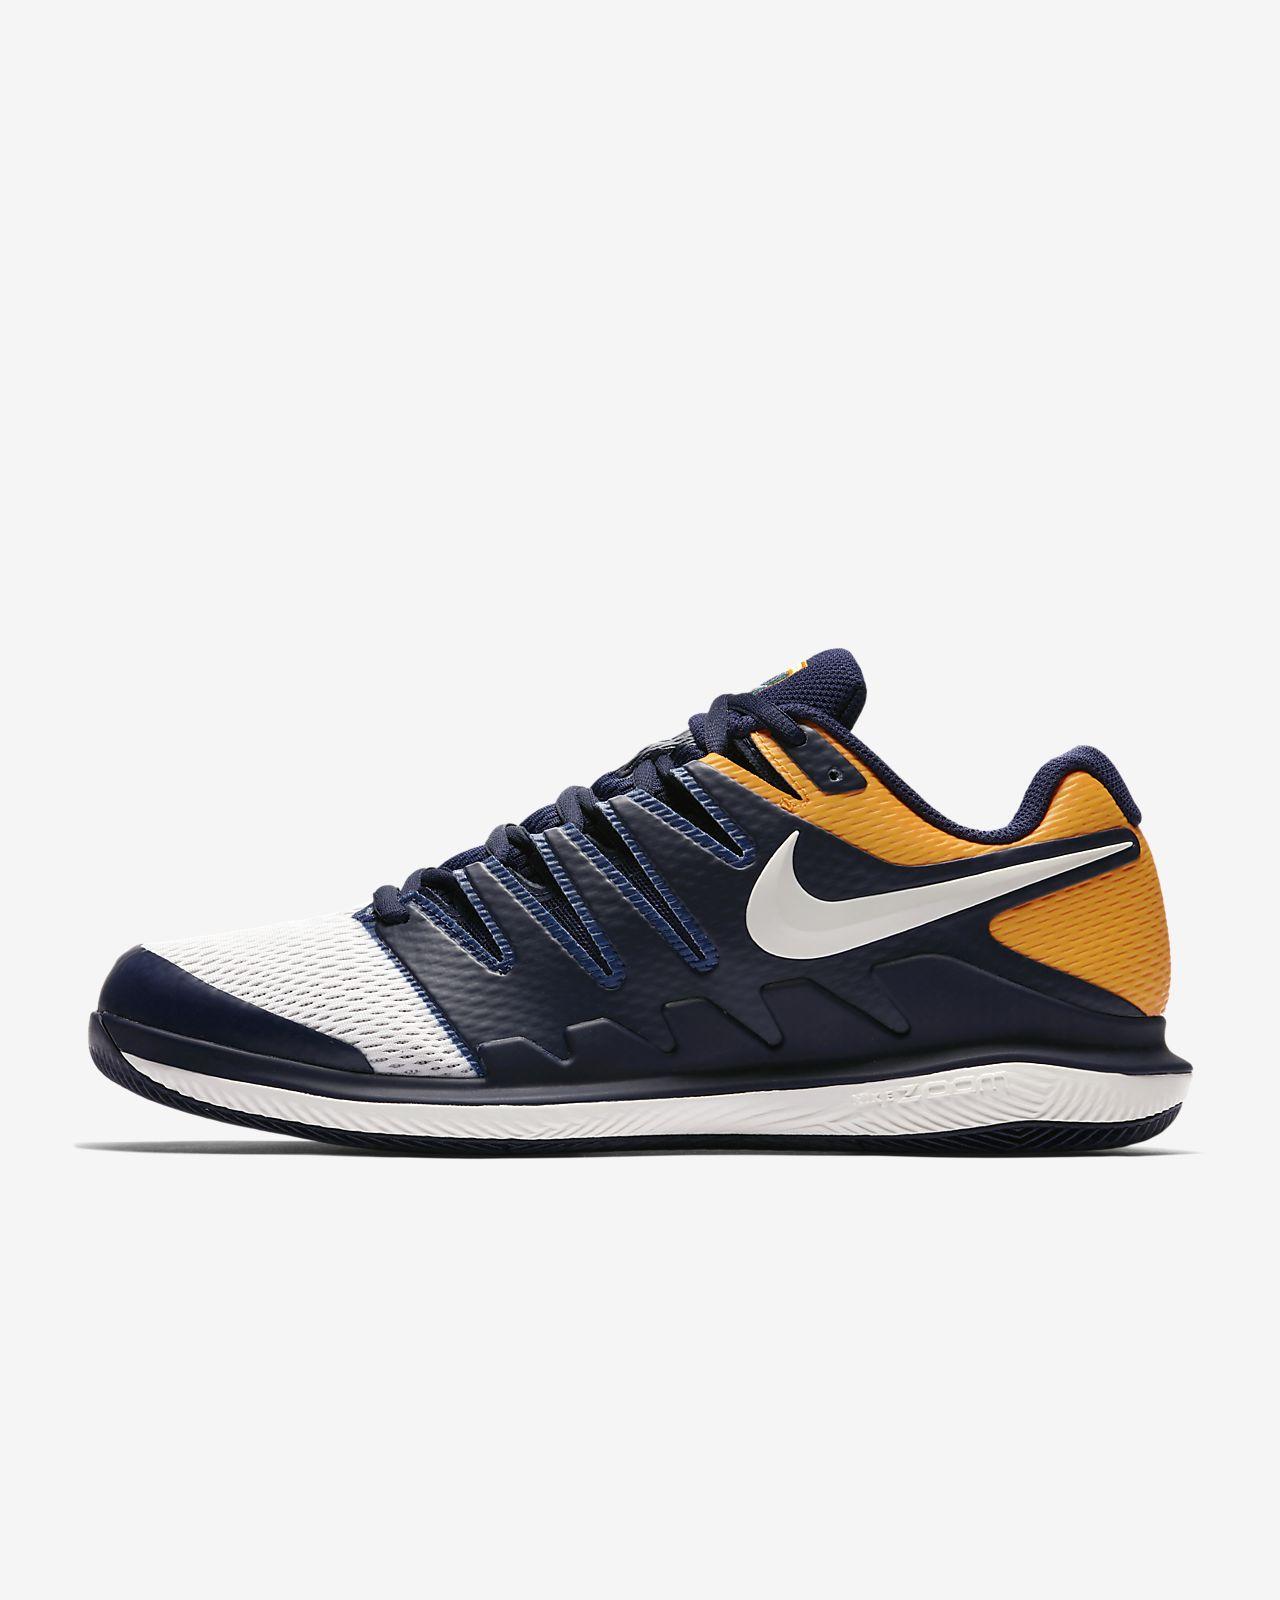 newest 34007 4d2a7 ... Chaussure de tennis pour surface dure NikeCourt Air Zoom Vapor X pour  Homme